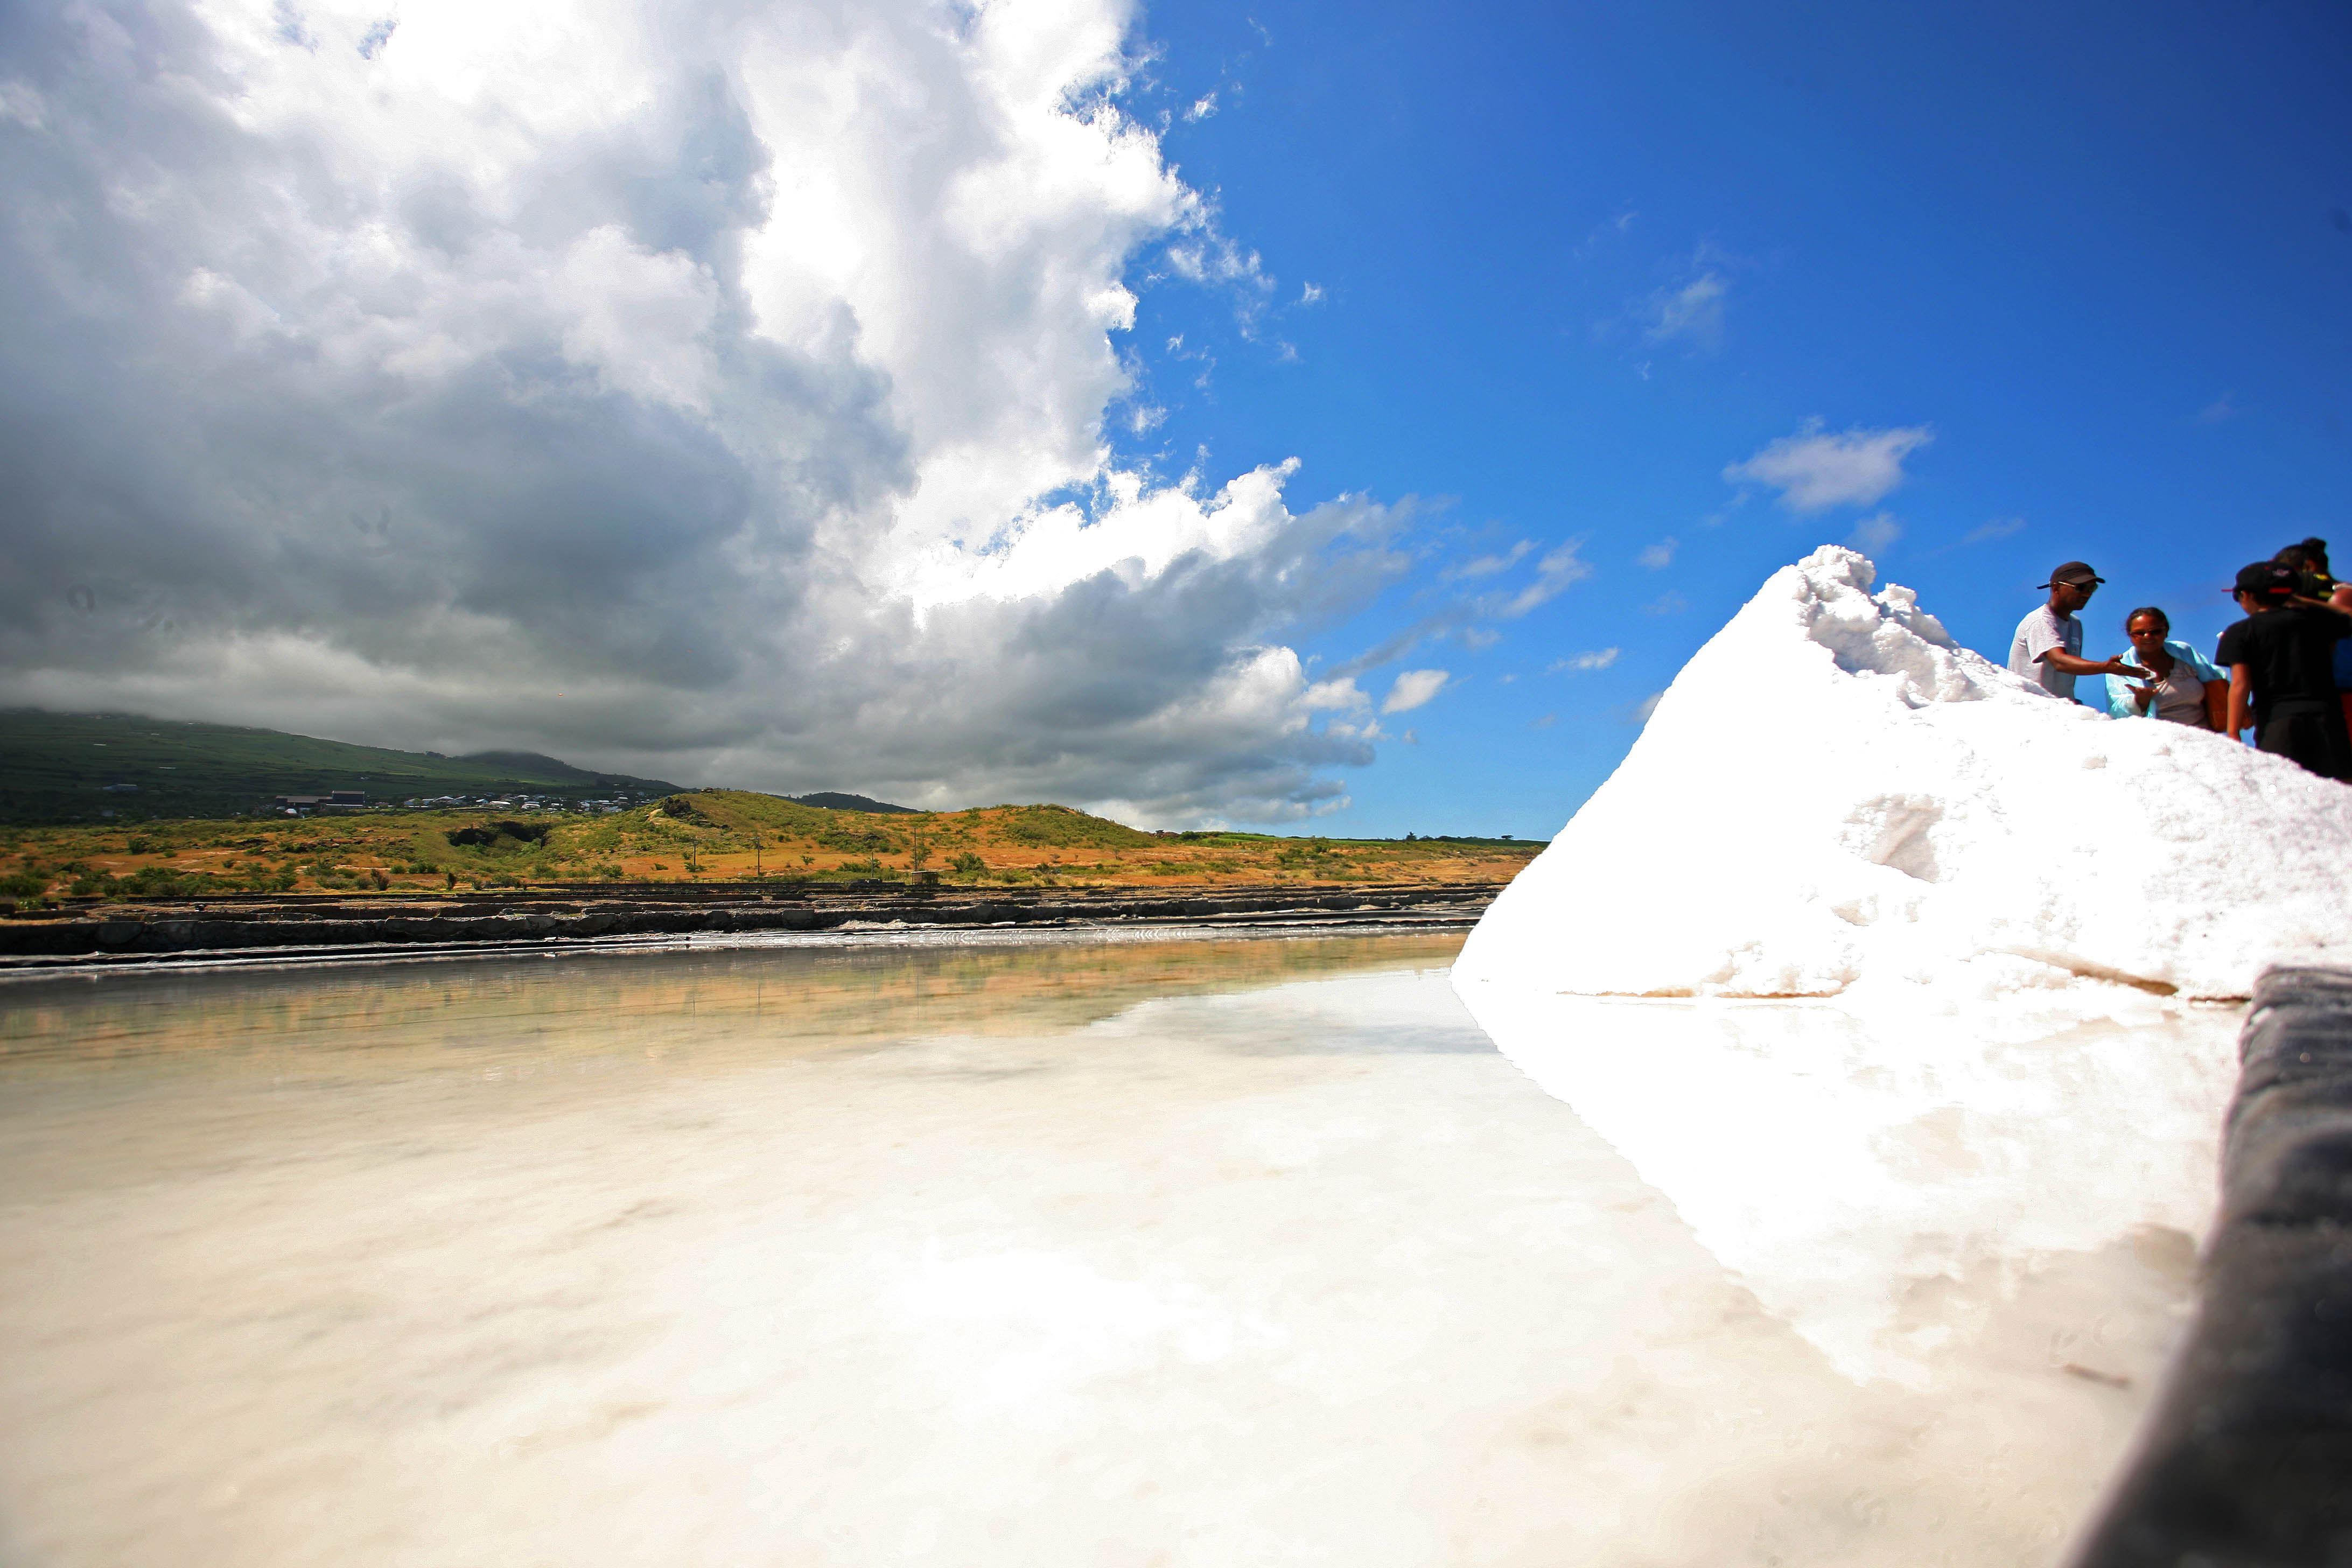 Zarlor flânerie la Pointe au sel